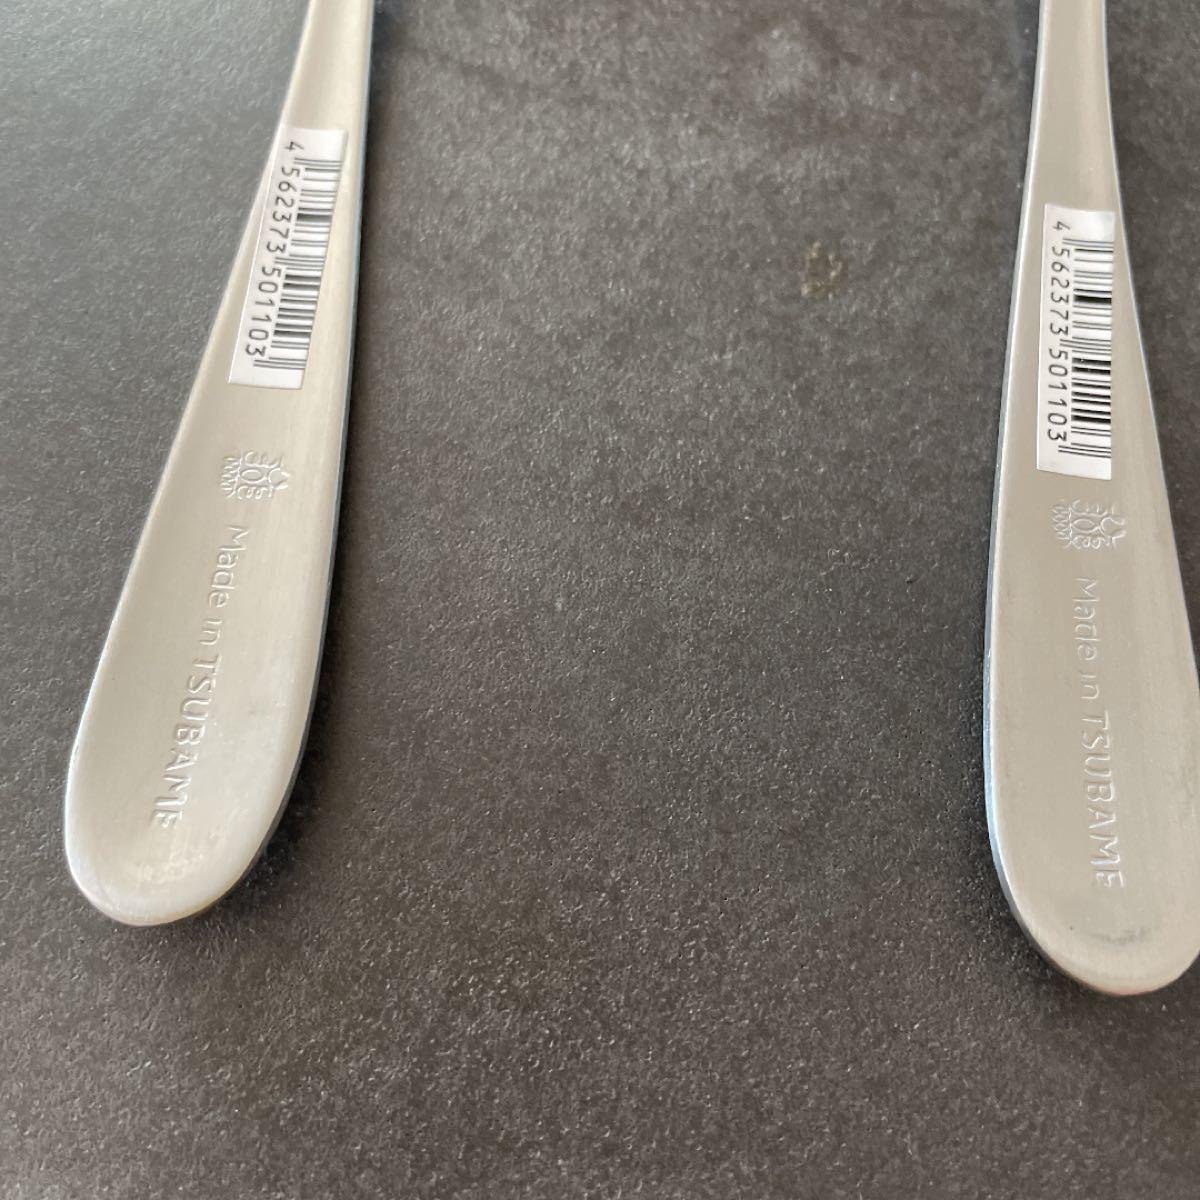 ツバメカトラリー 4本セット フォーク大 新品未使用 made in tsubame 燕  カトラリーセット